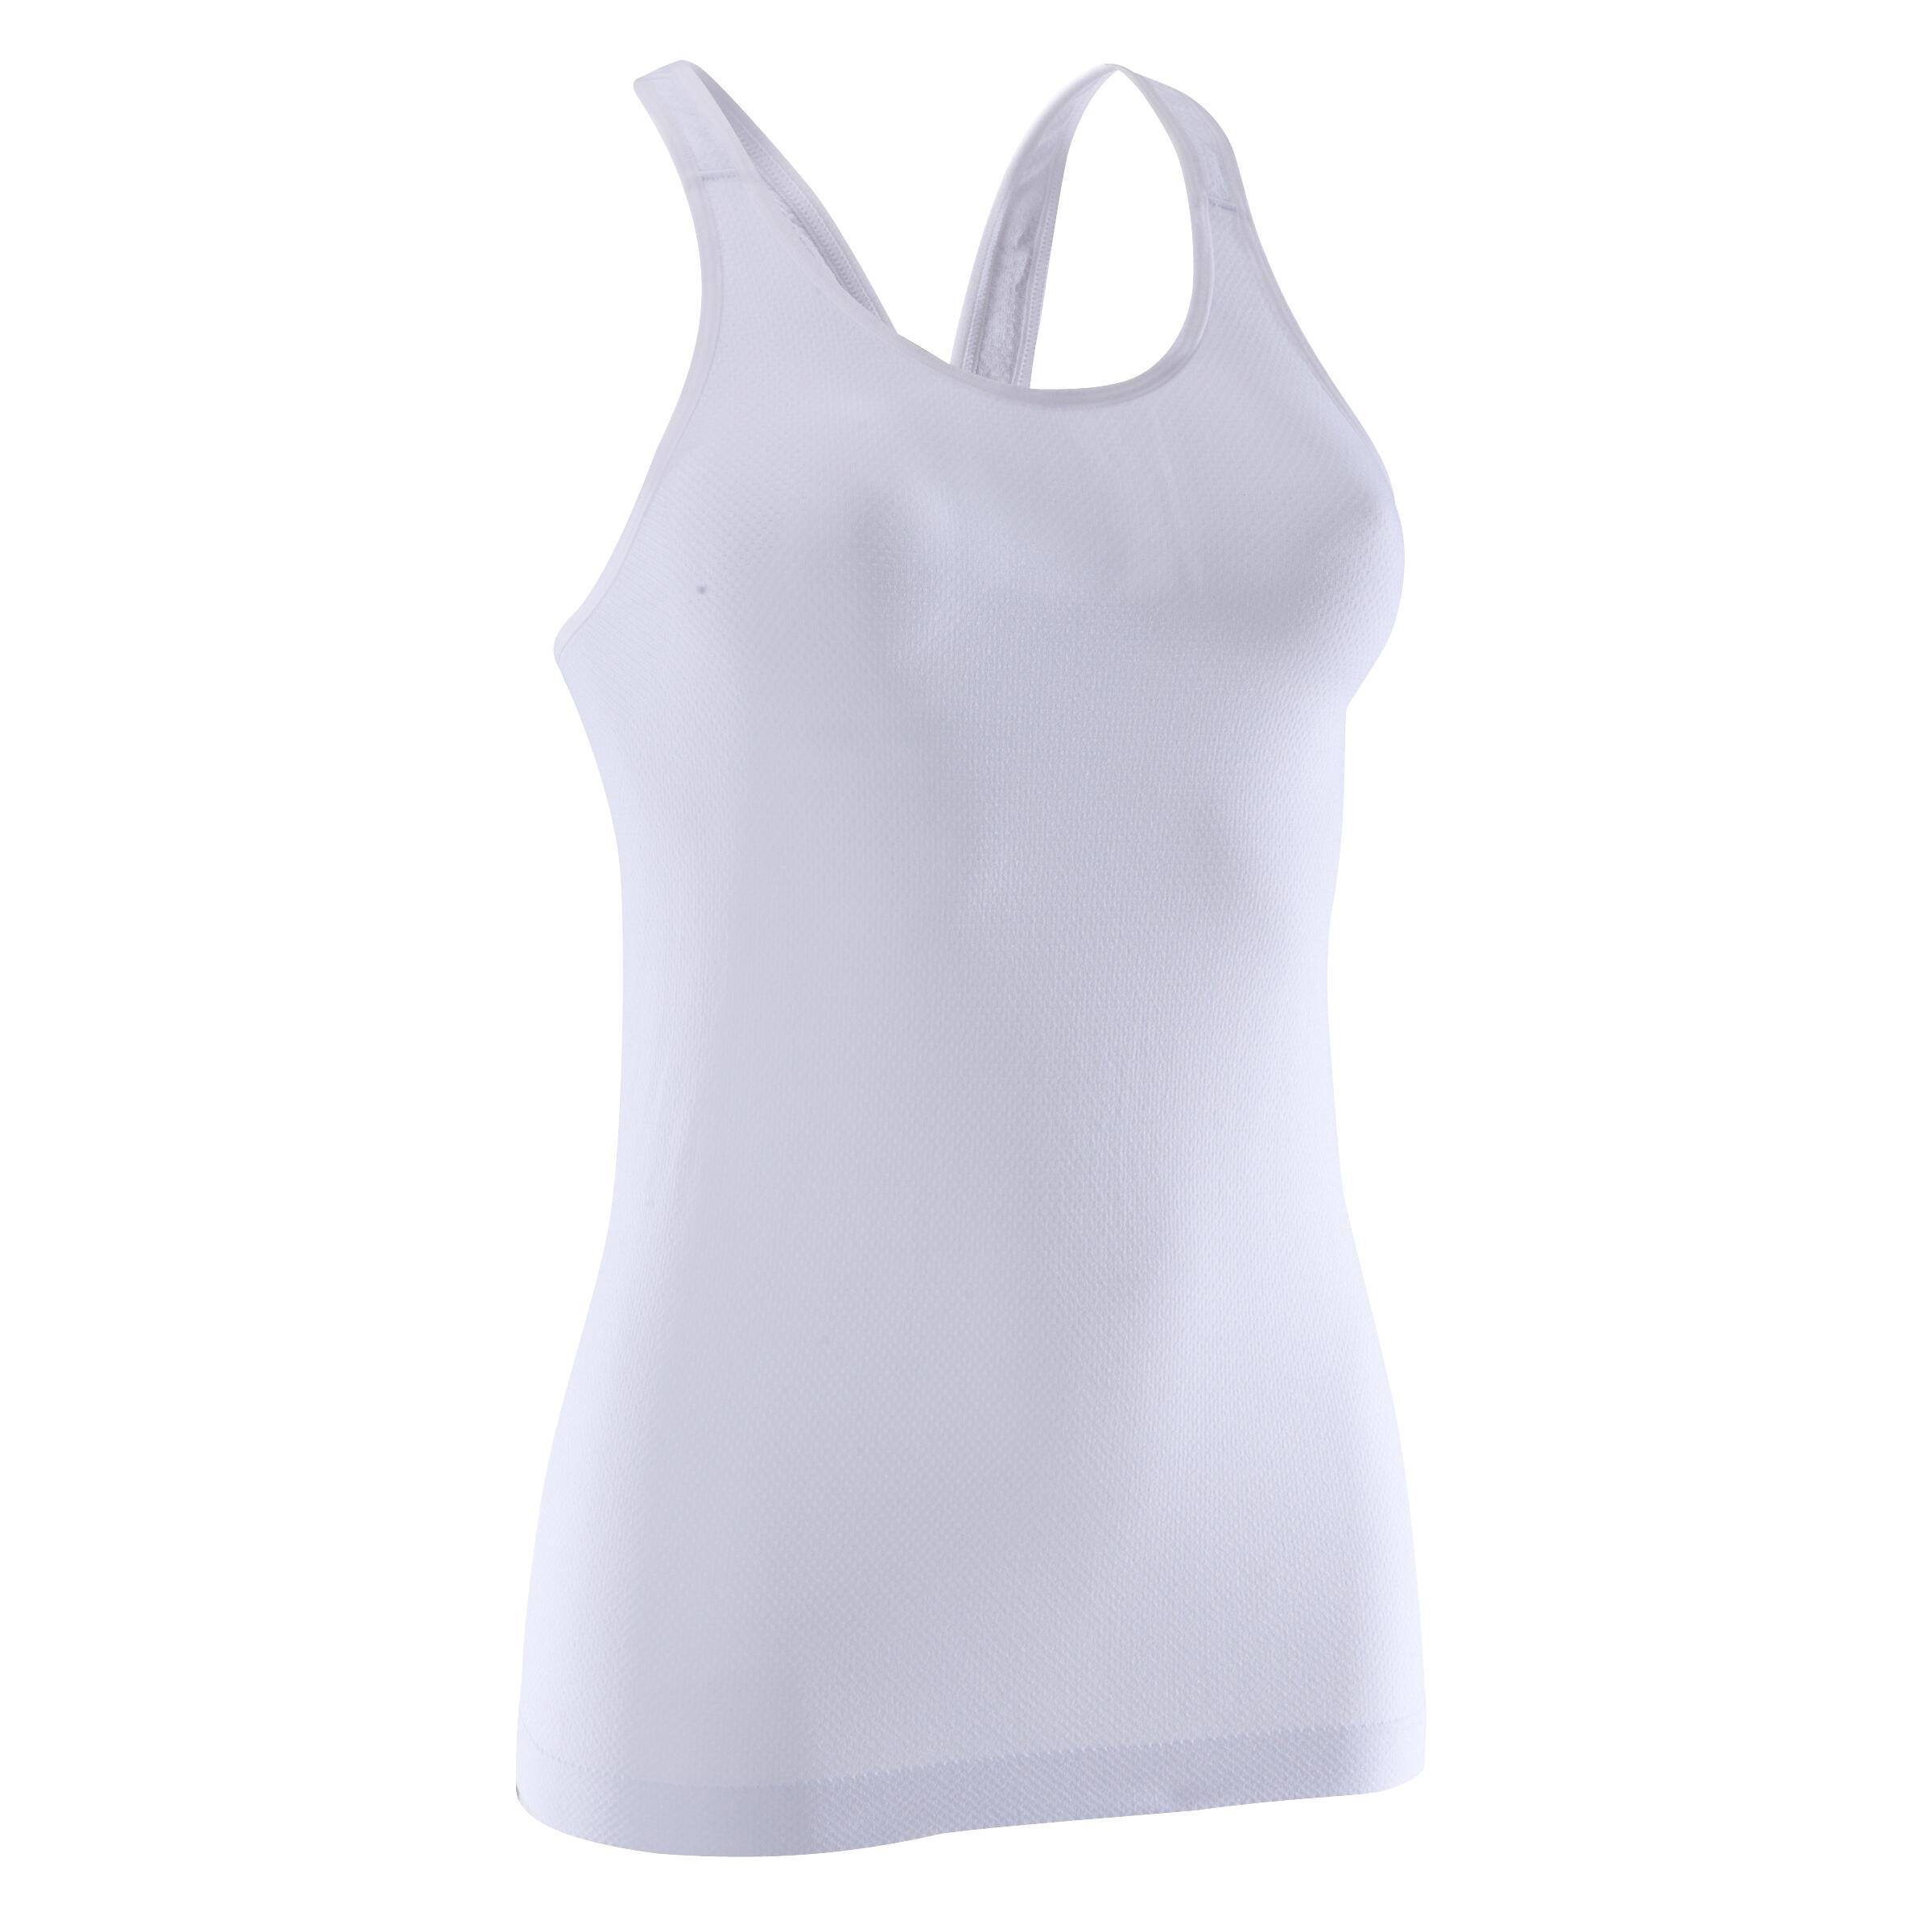 Débardeur sans coutures Yoga+ femme blanc